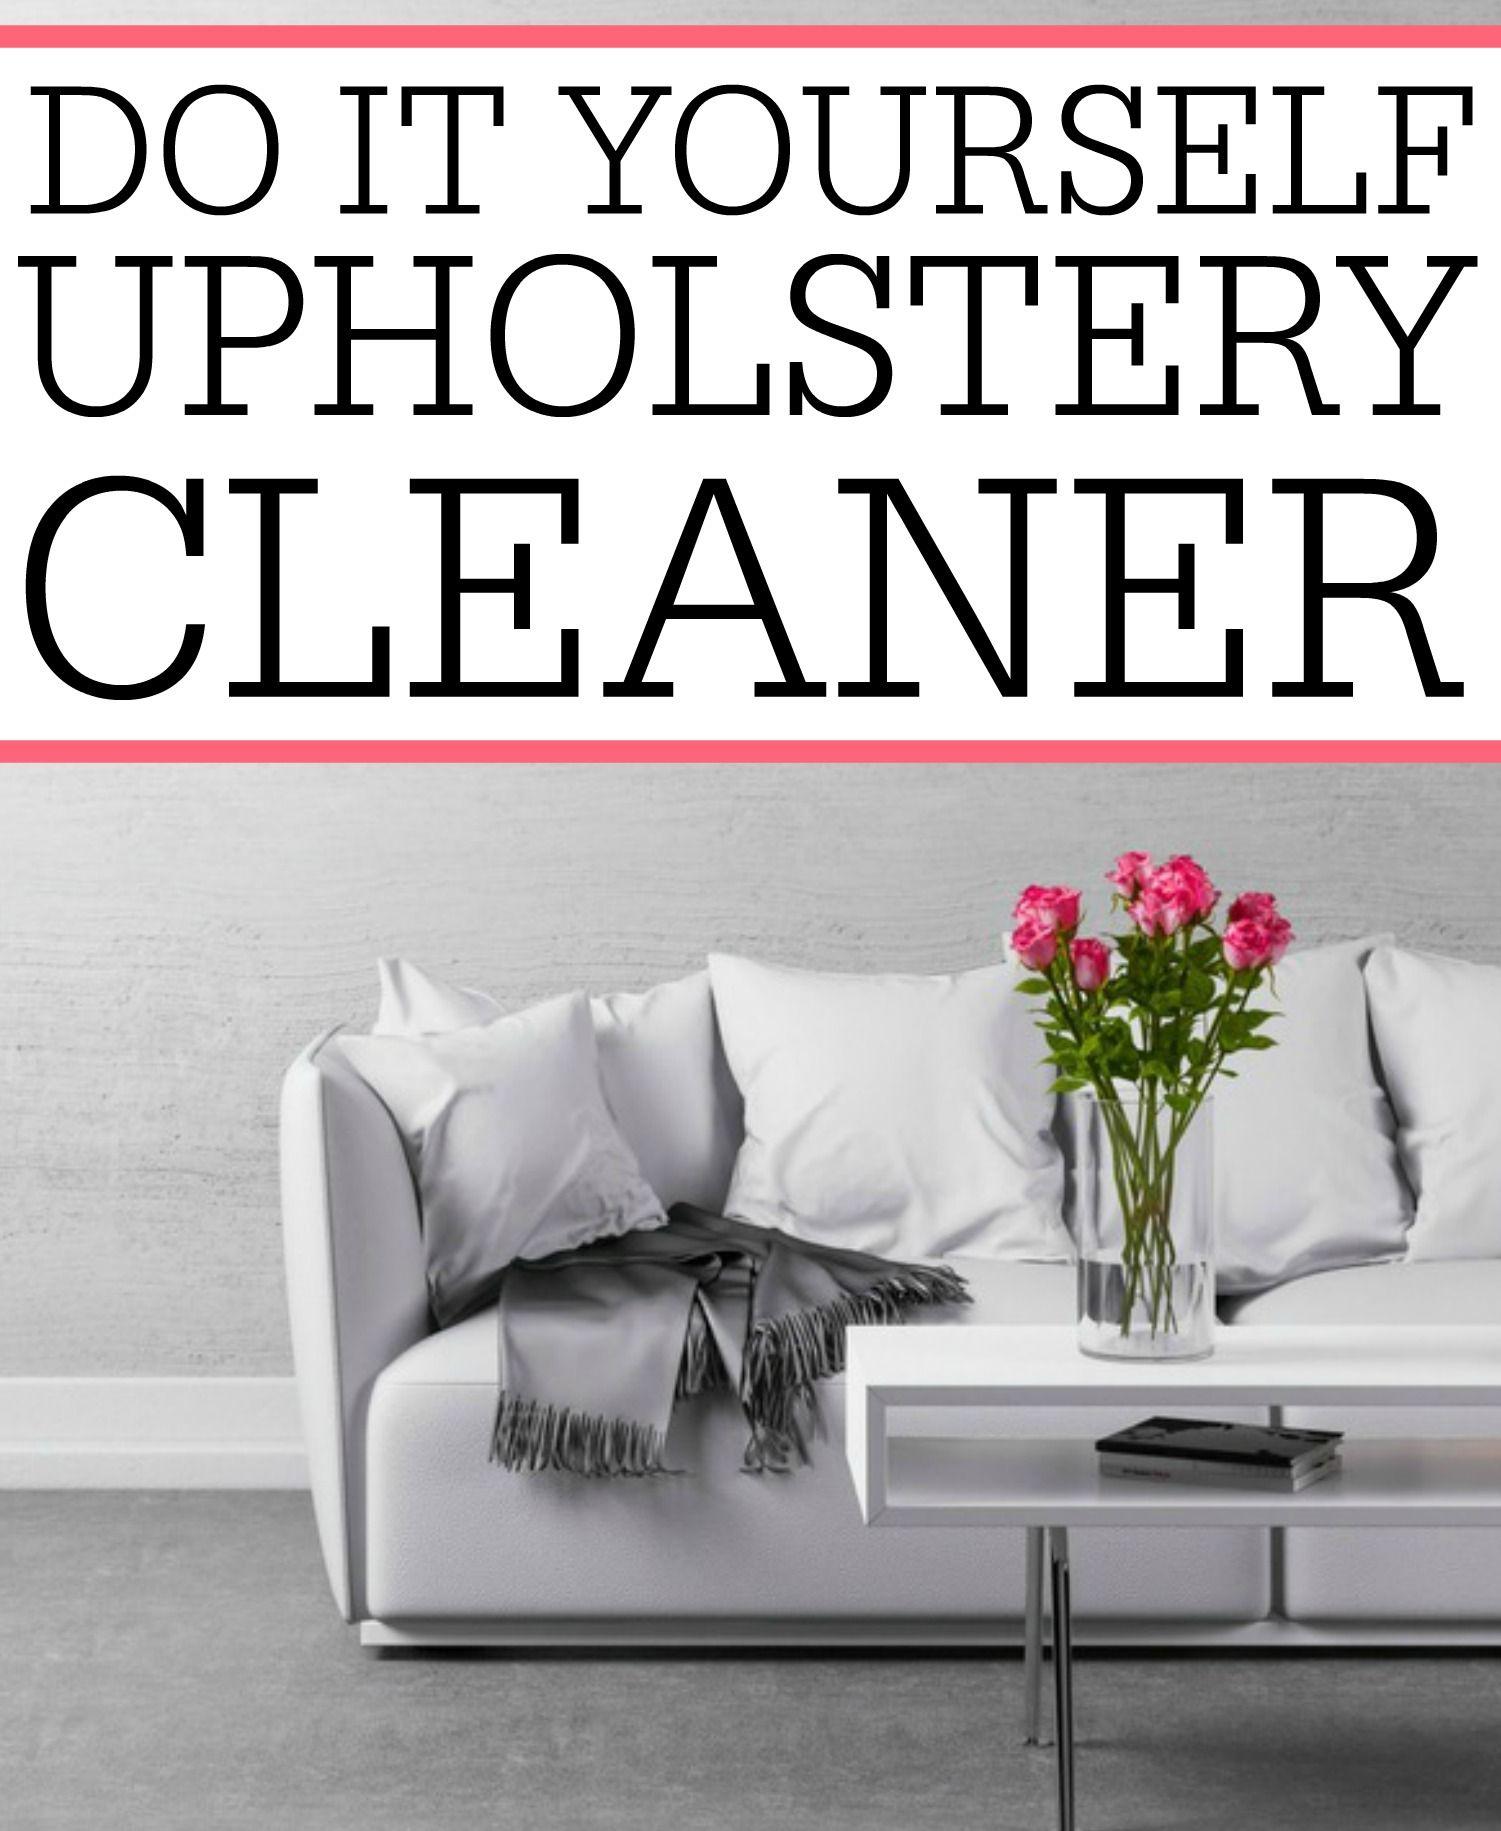 Homemade Upholstery Cleaner Upholstery cleaner, Homemade